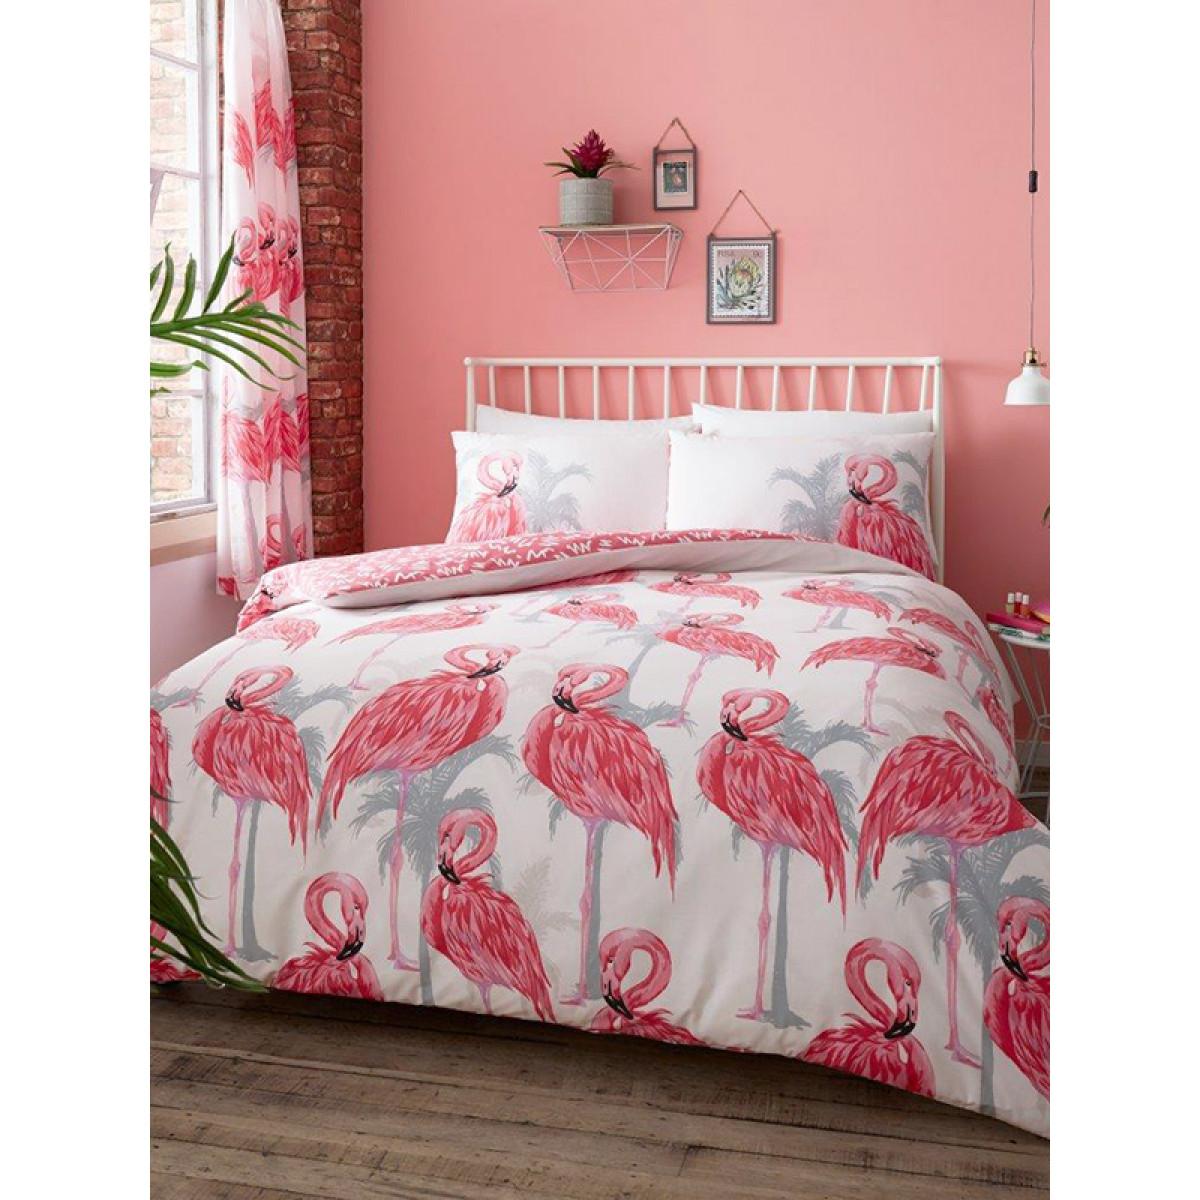 Flamingo Duvet Cover Set | Adam Home